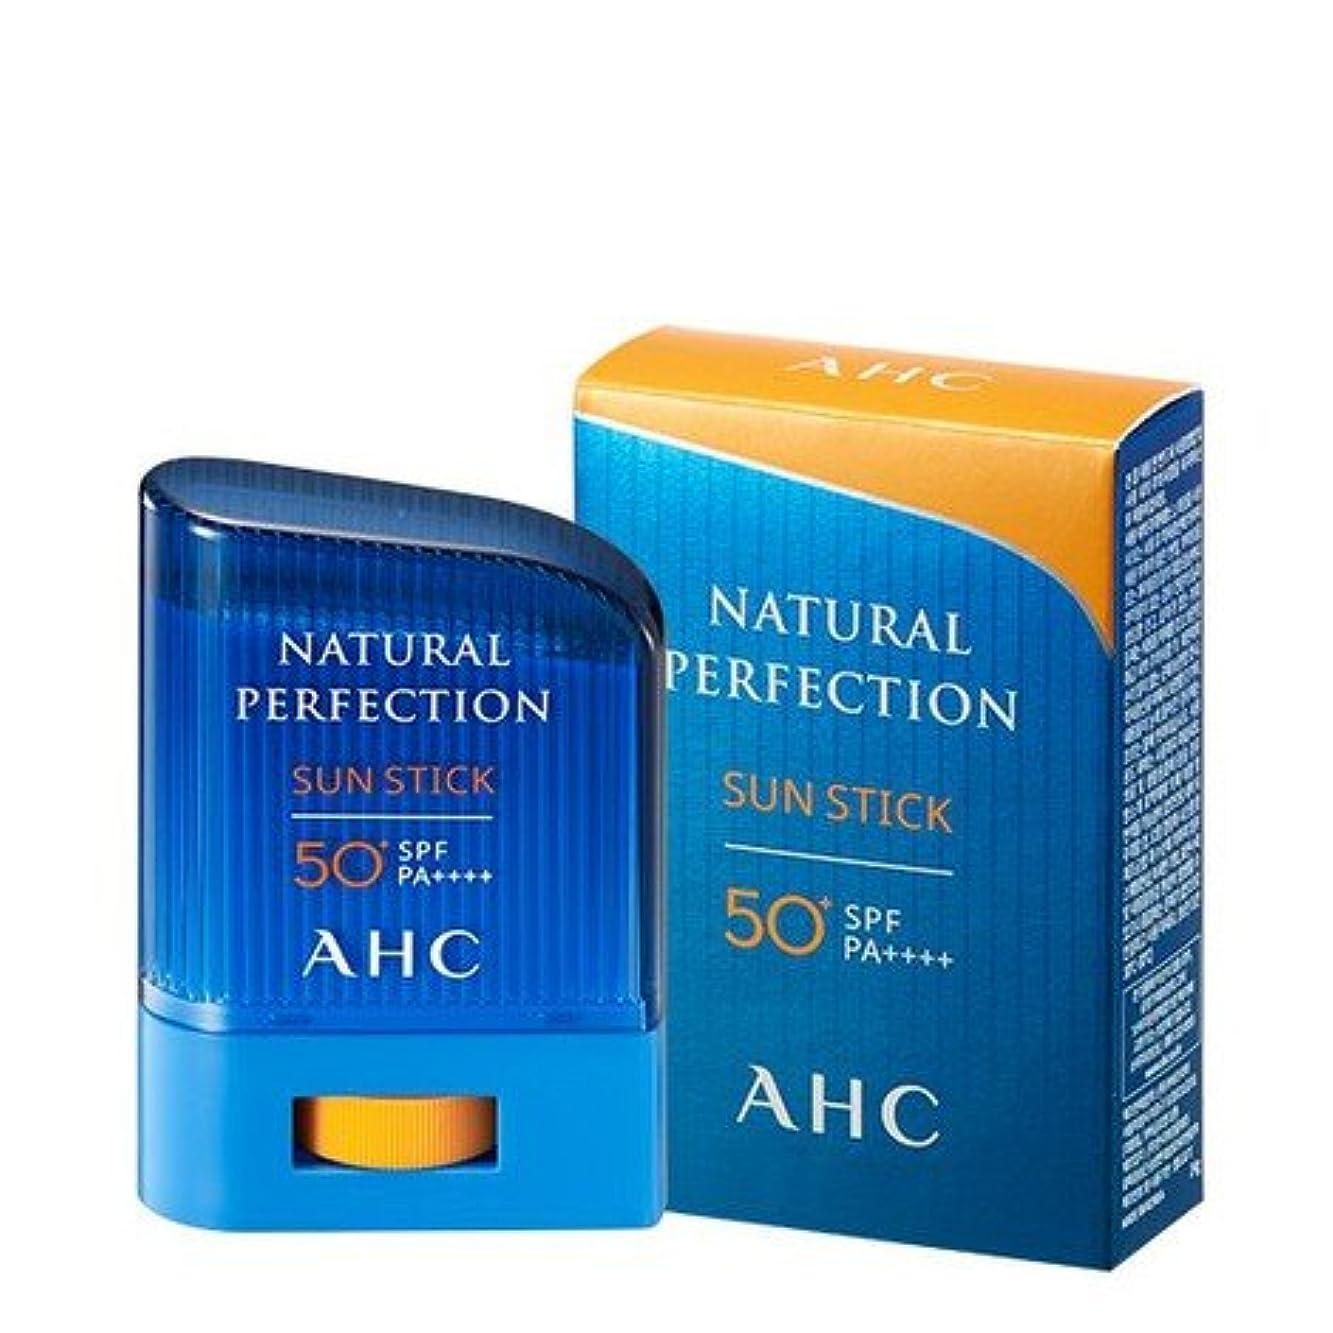 専門窒息させる疑い者[Renewal 最新] AHCナチュラルパーフェクション線スティック / AHC NATURAL PERFECTION SUN STICK [SPF 50+ / PA ++++] [並行輸入品] (22g)